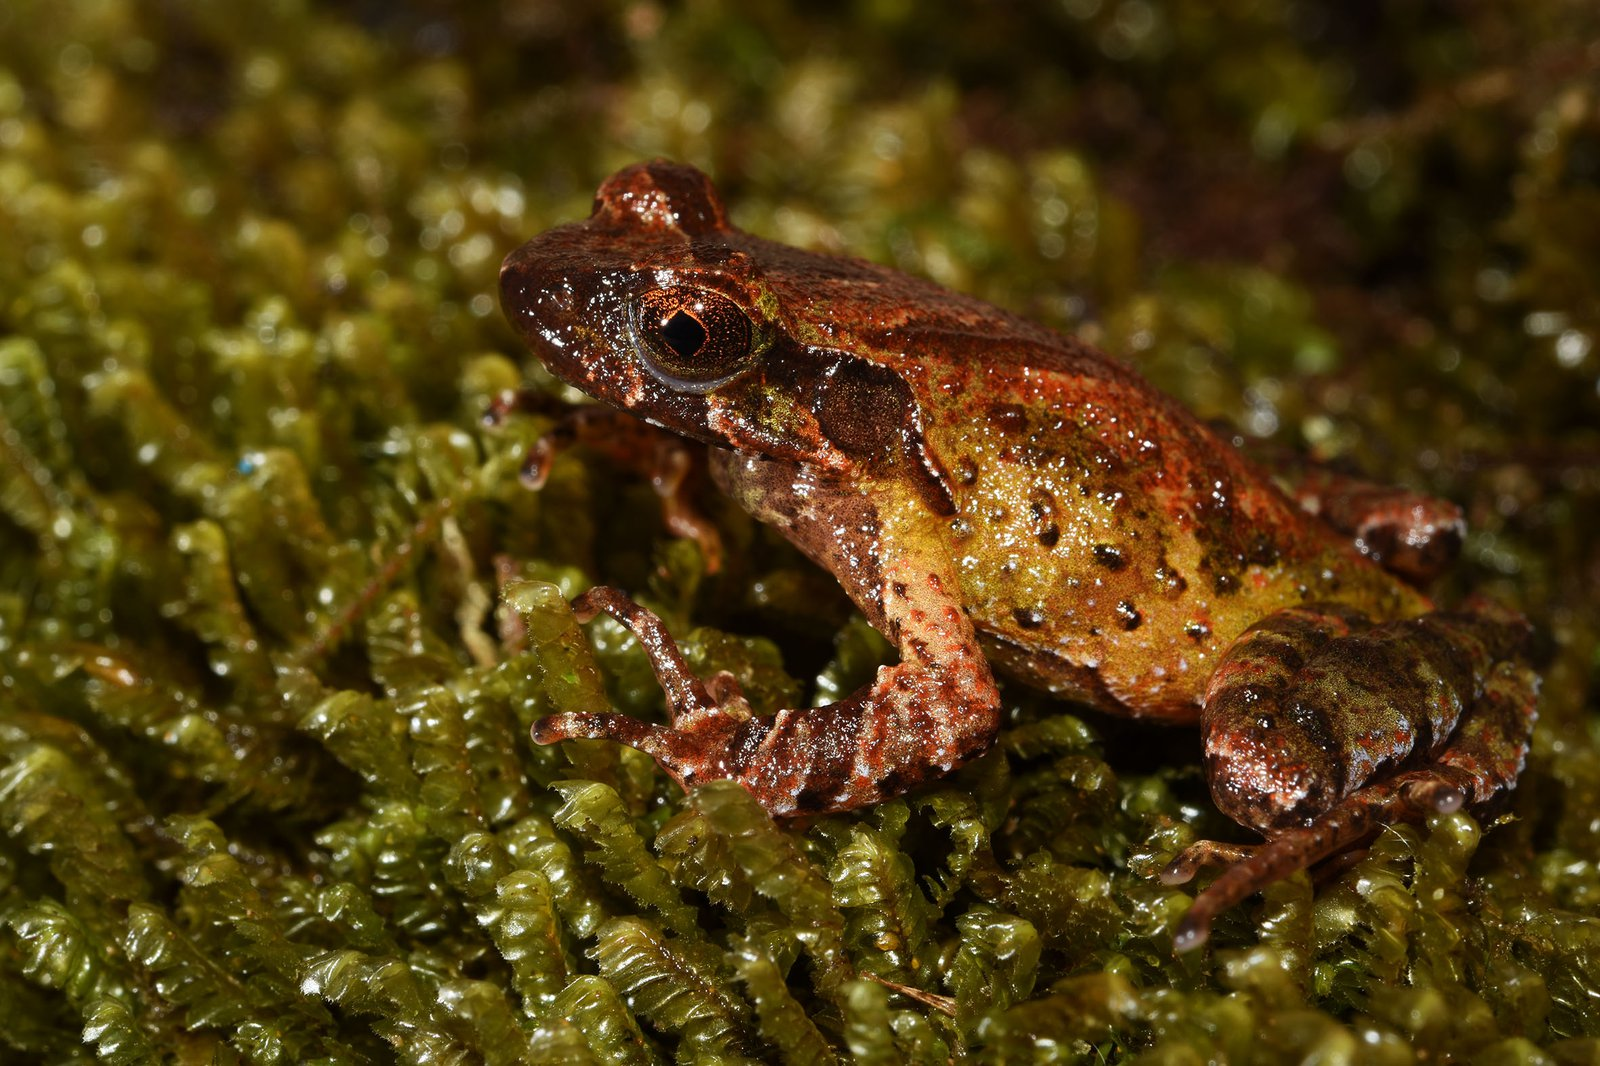 Mount Ky Quan San Horned Frog (Megophrys frigida).